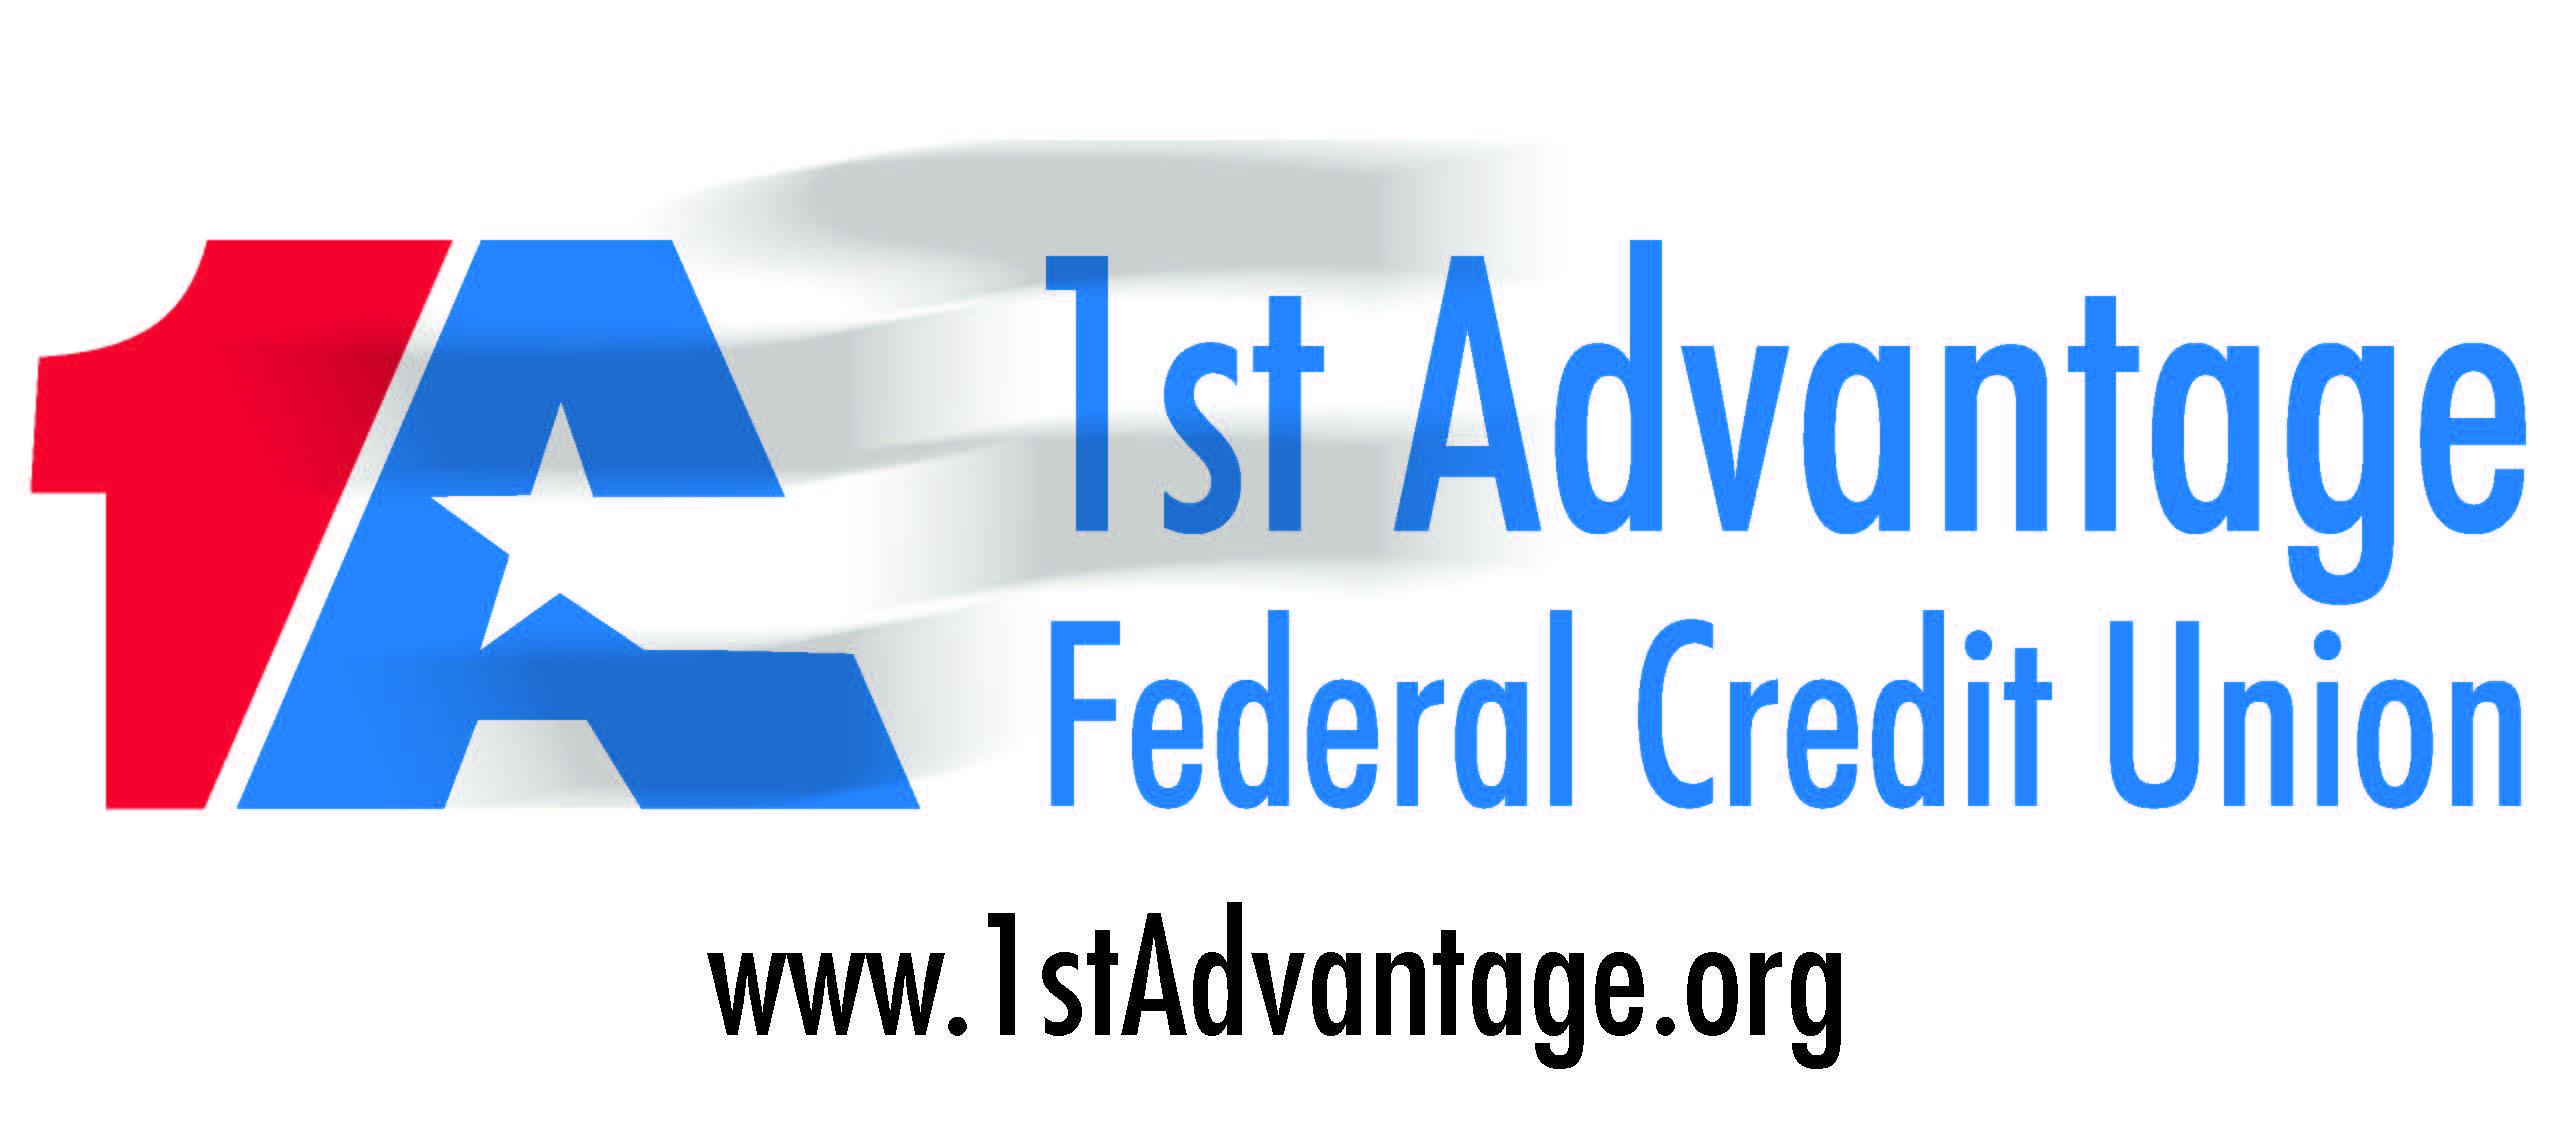 1st-Advantage-logo-5.2.2013